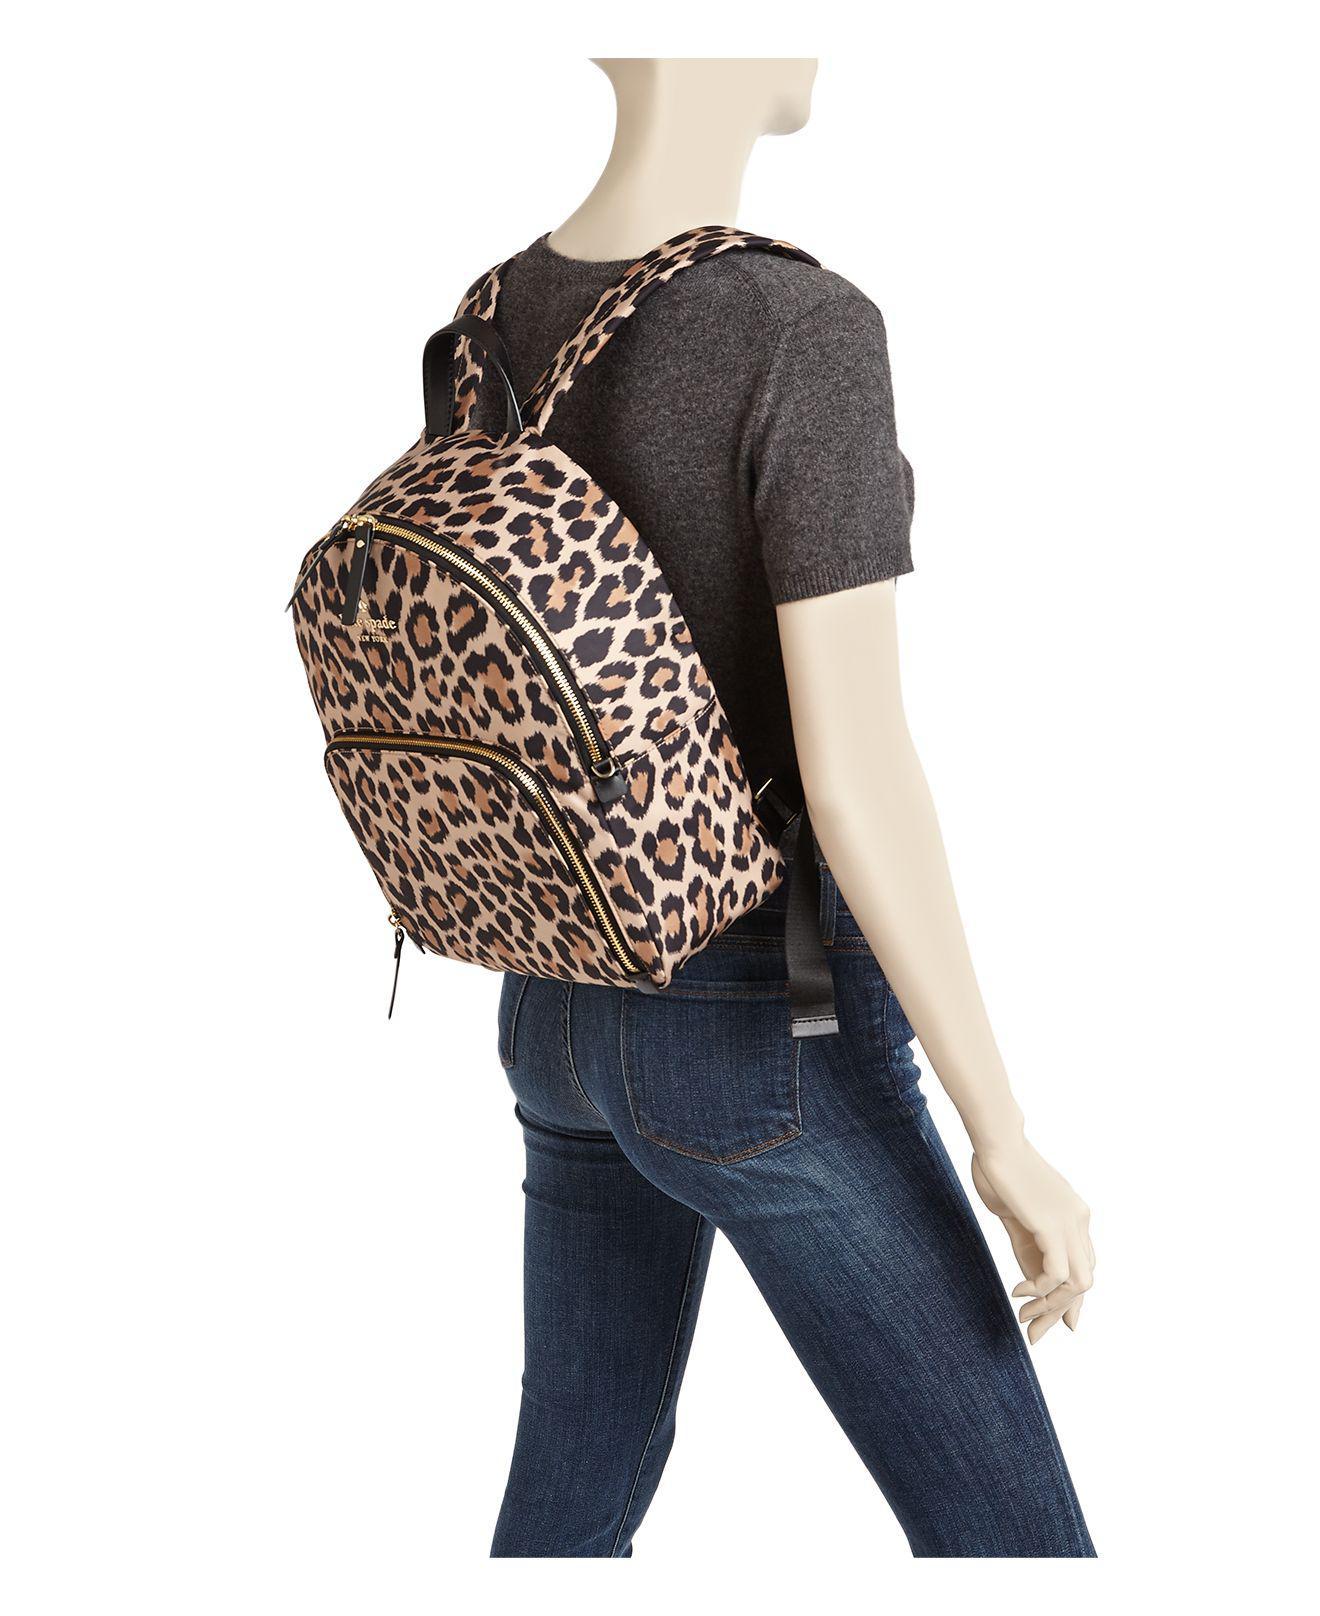 Kate Spade Synthetic Watson Lane Hartley Leopard Print Nylon Backpack